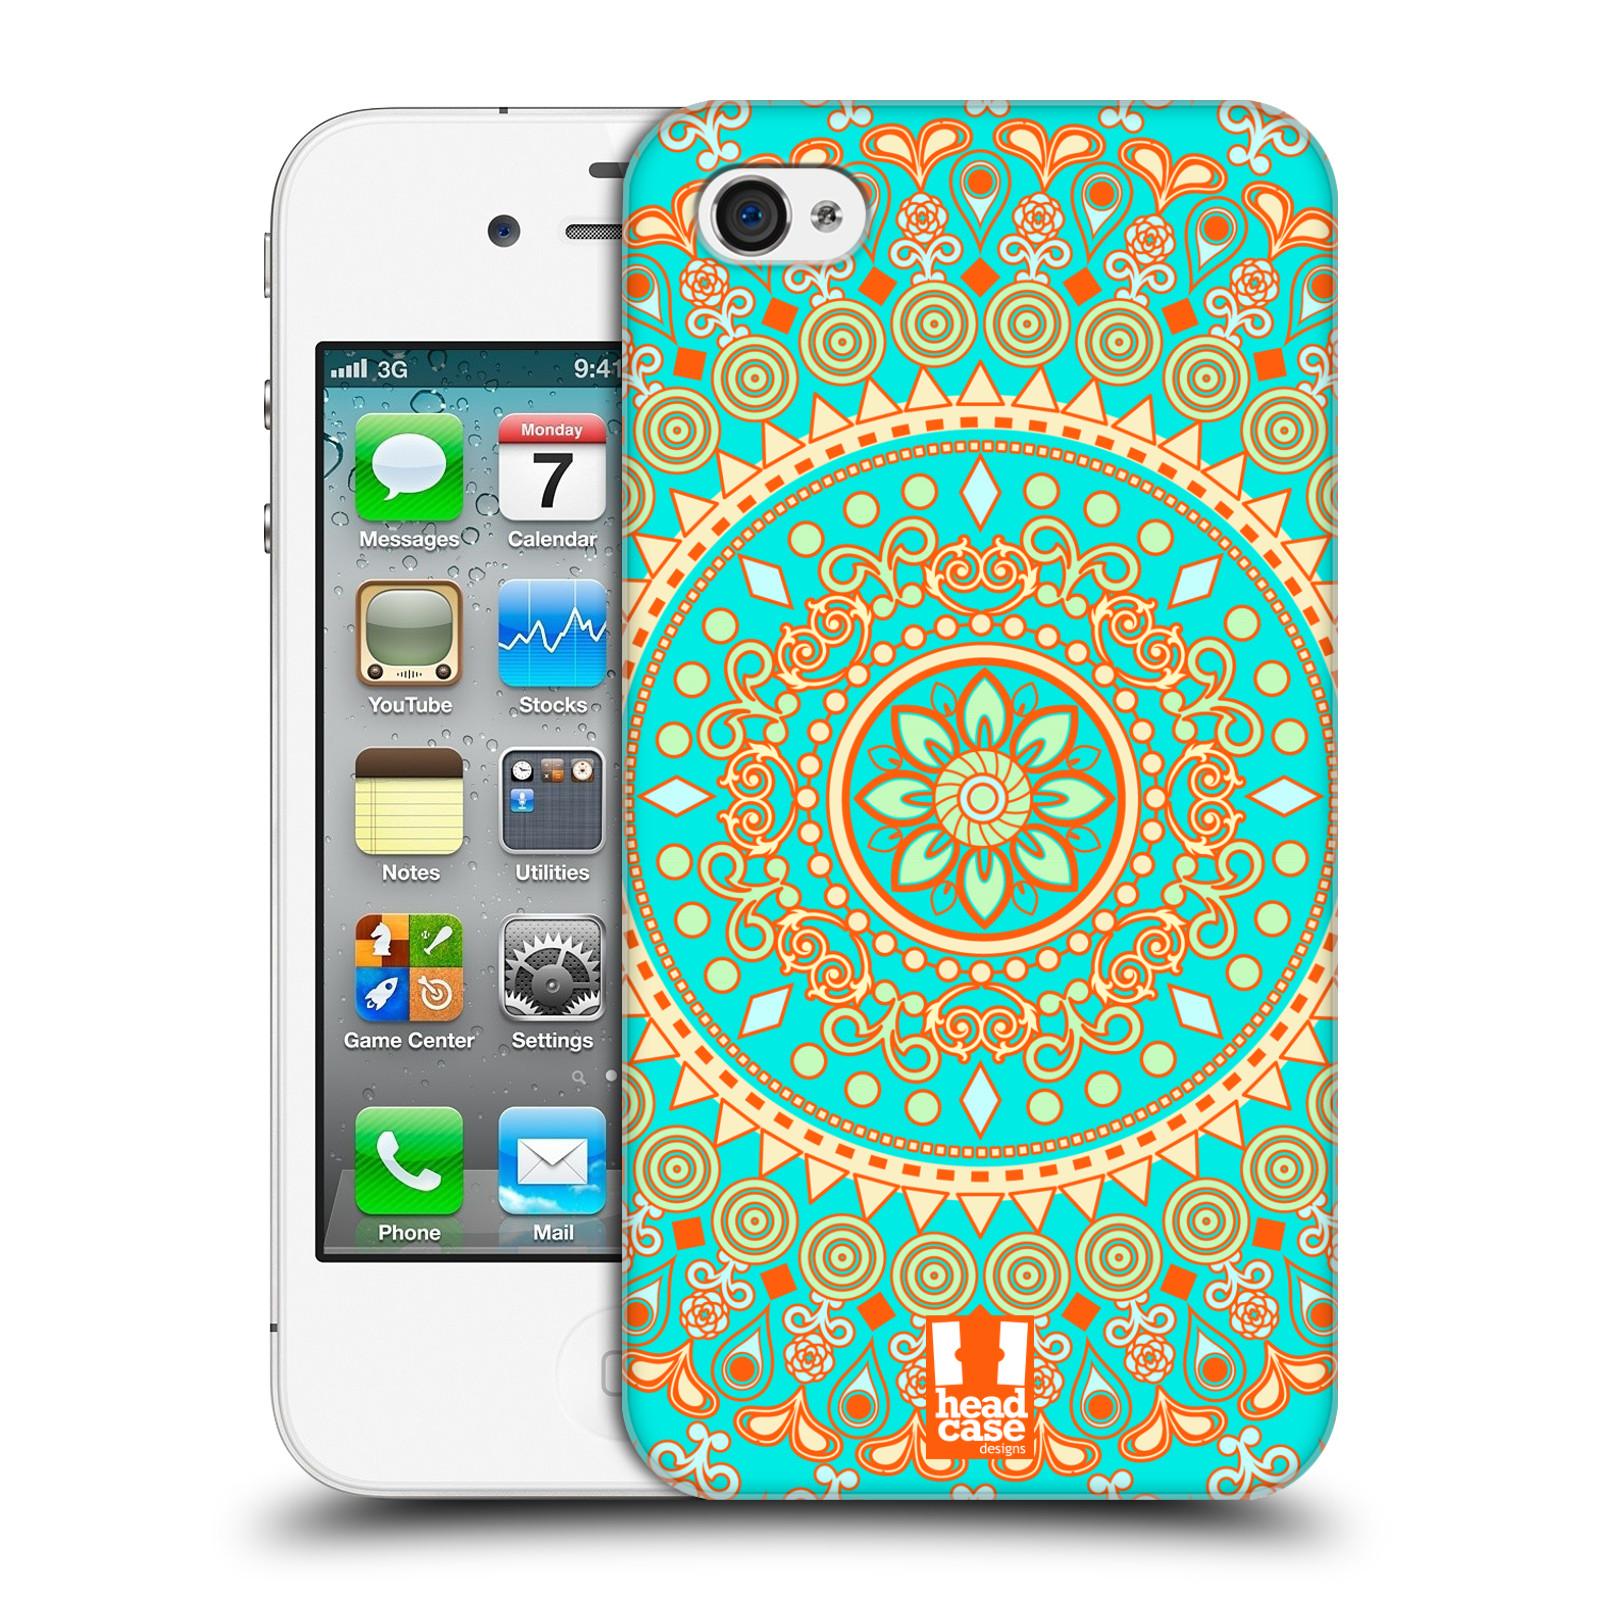 HEAD CASE plastový obal na mobil Apple Iphone 4/4S vzor Indie Mandala slunce barevný motiv TYRKYSOVÁ, ZELENÁ